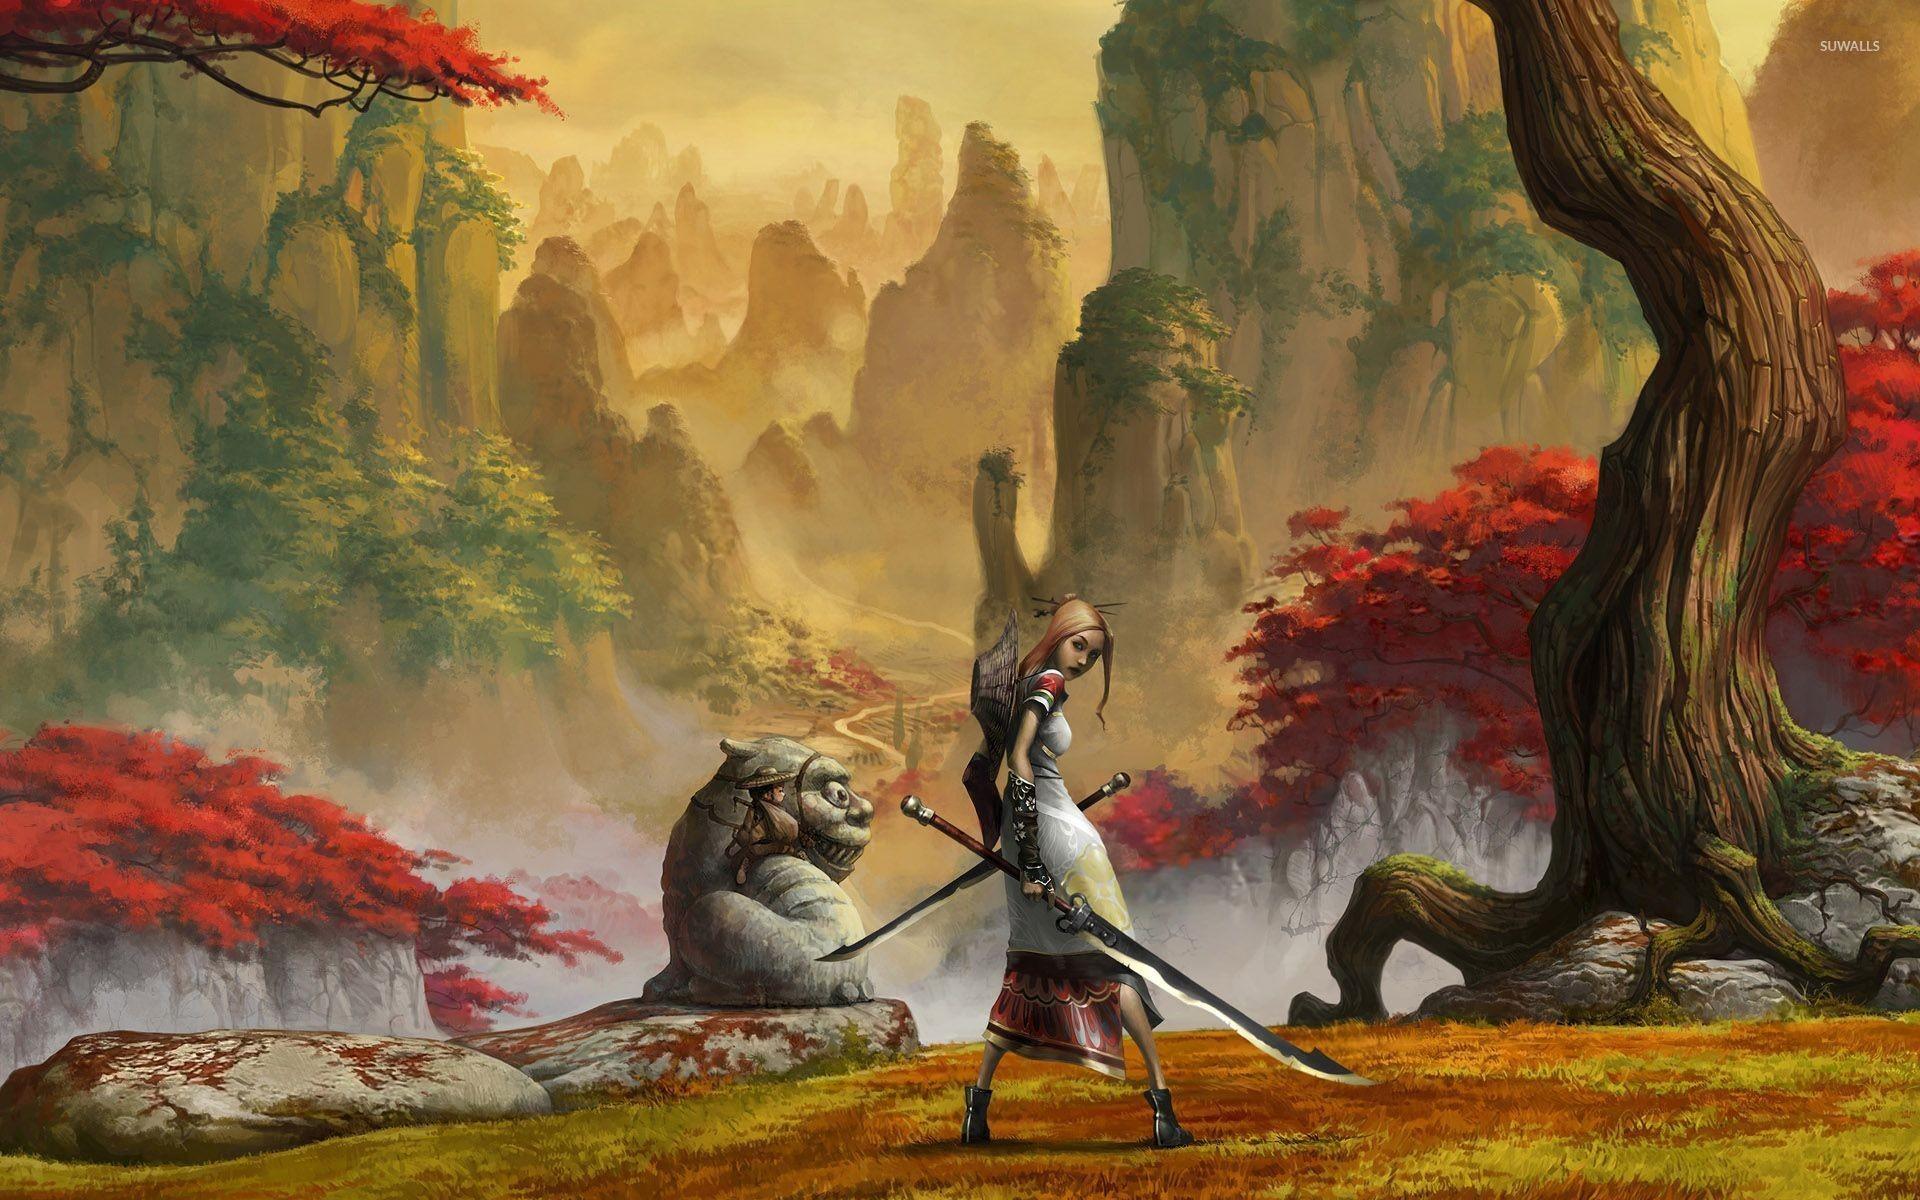 Samurai girl with a sword wallpaper